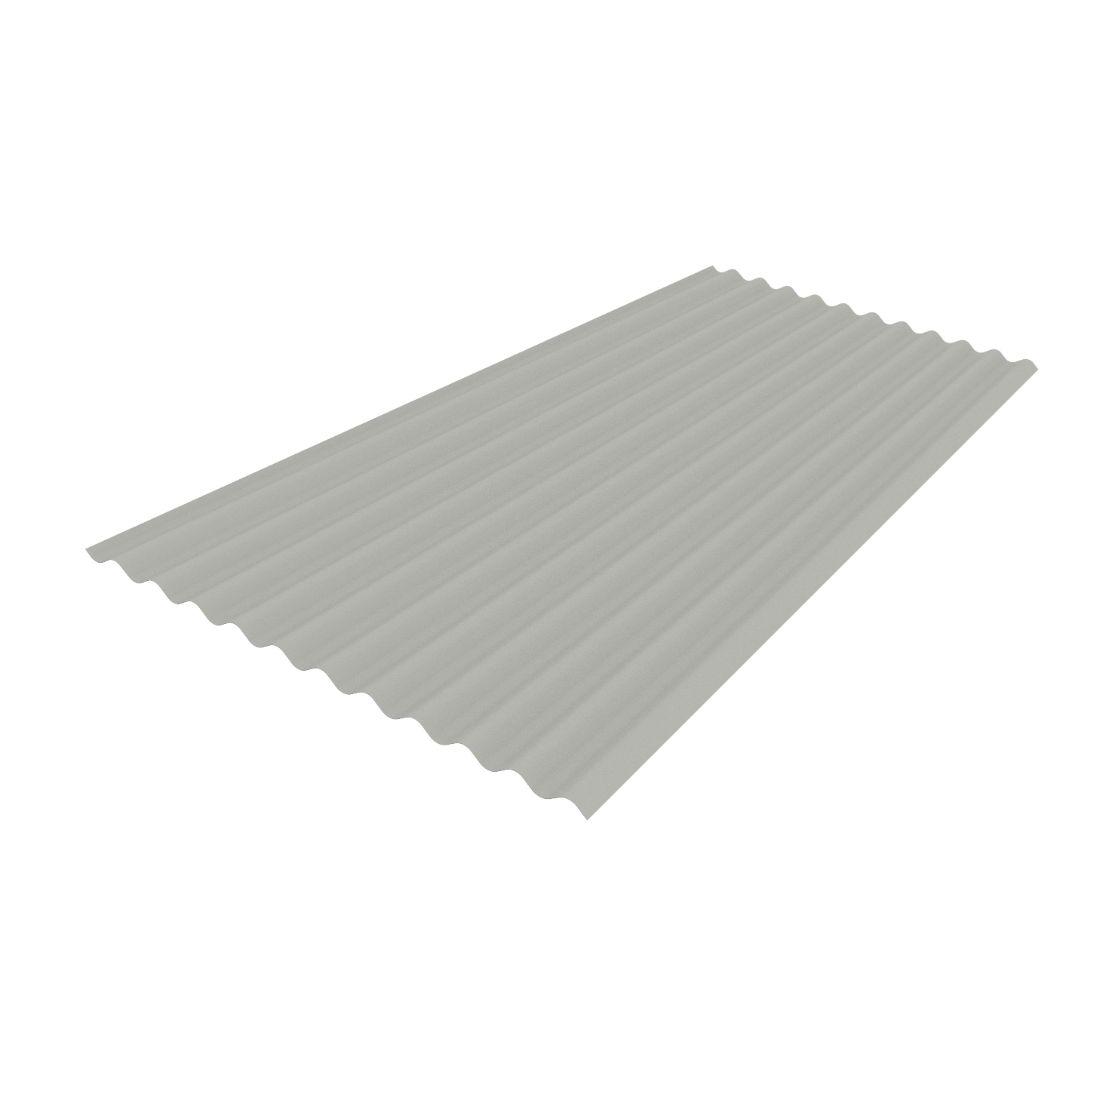 Corrugate Galvanised 0.40 BMT 1.0m